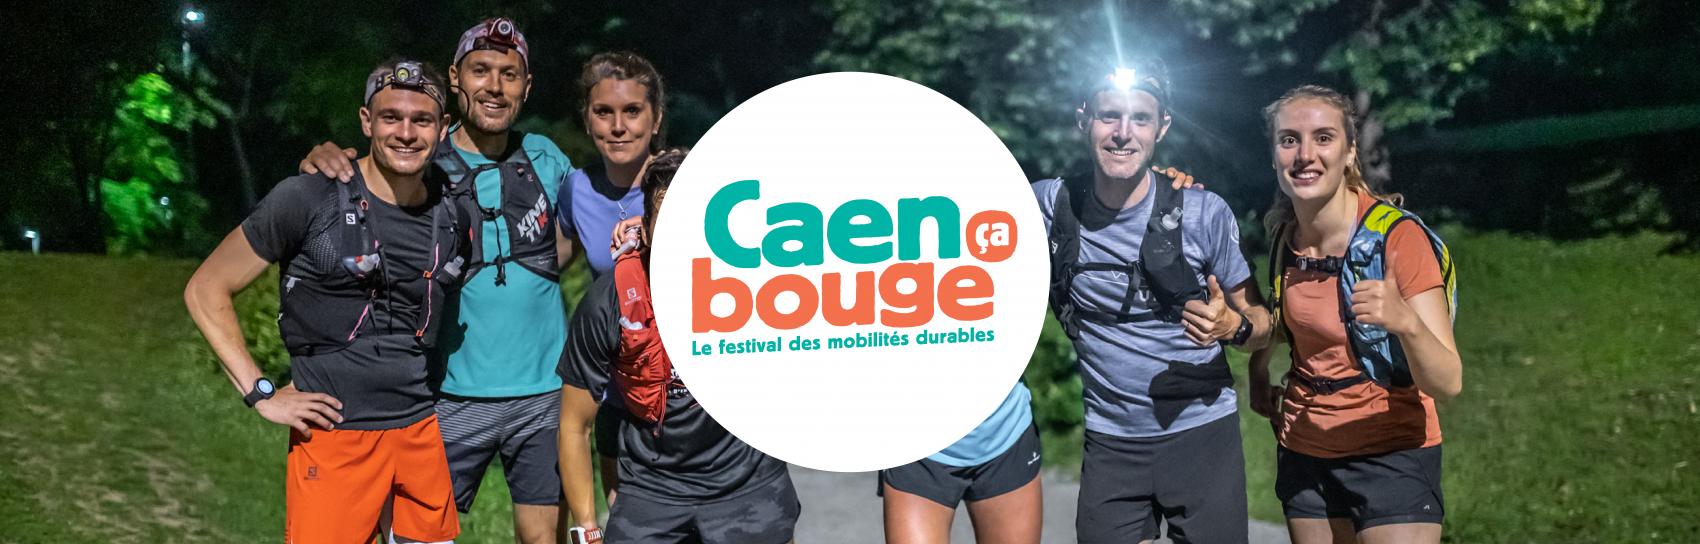 Caen ca bouge entreprise offre festival des mobilités durables